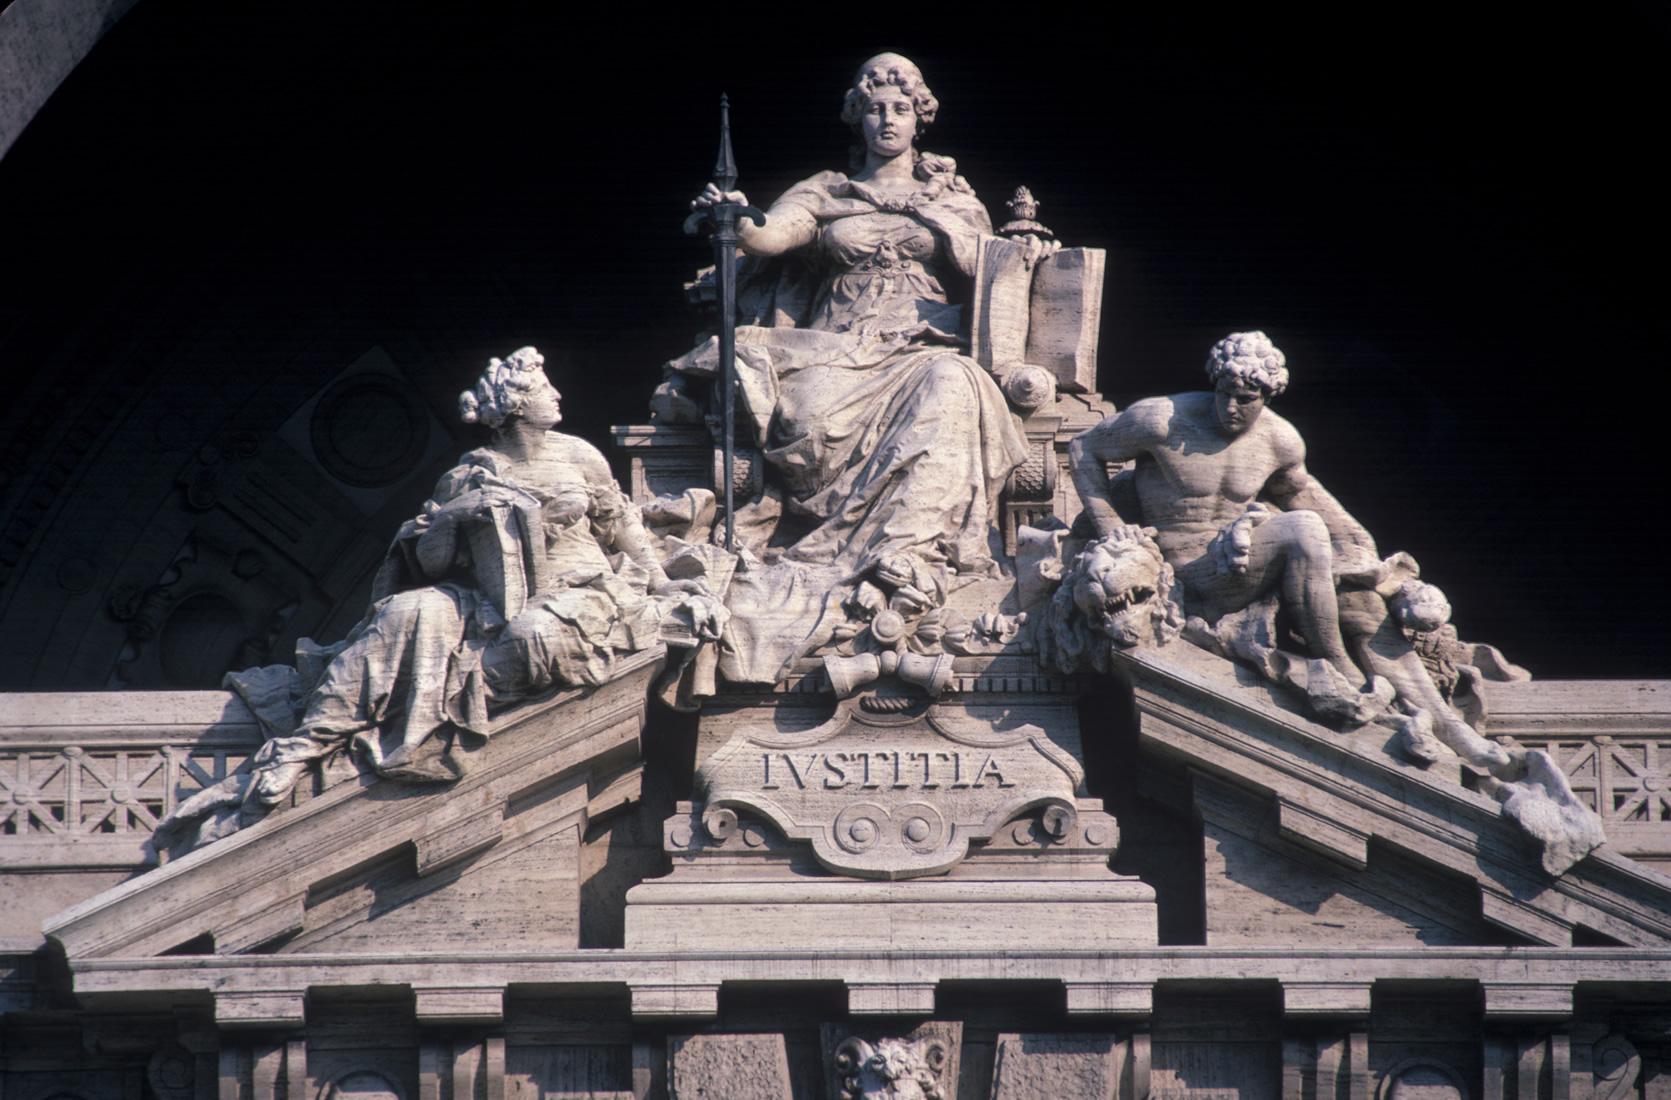 Tribunale di Lucca n.1058 del 13 maggio 2016